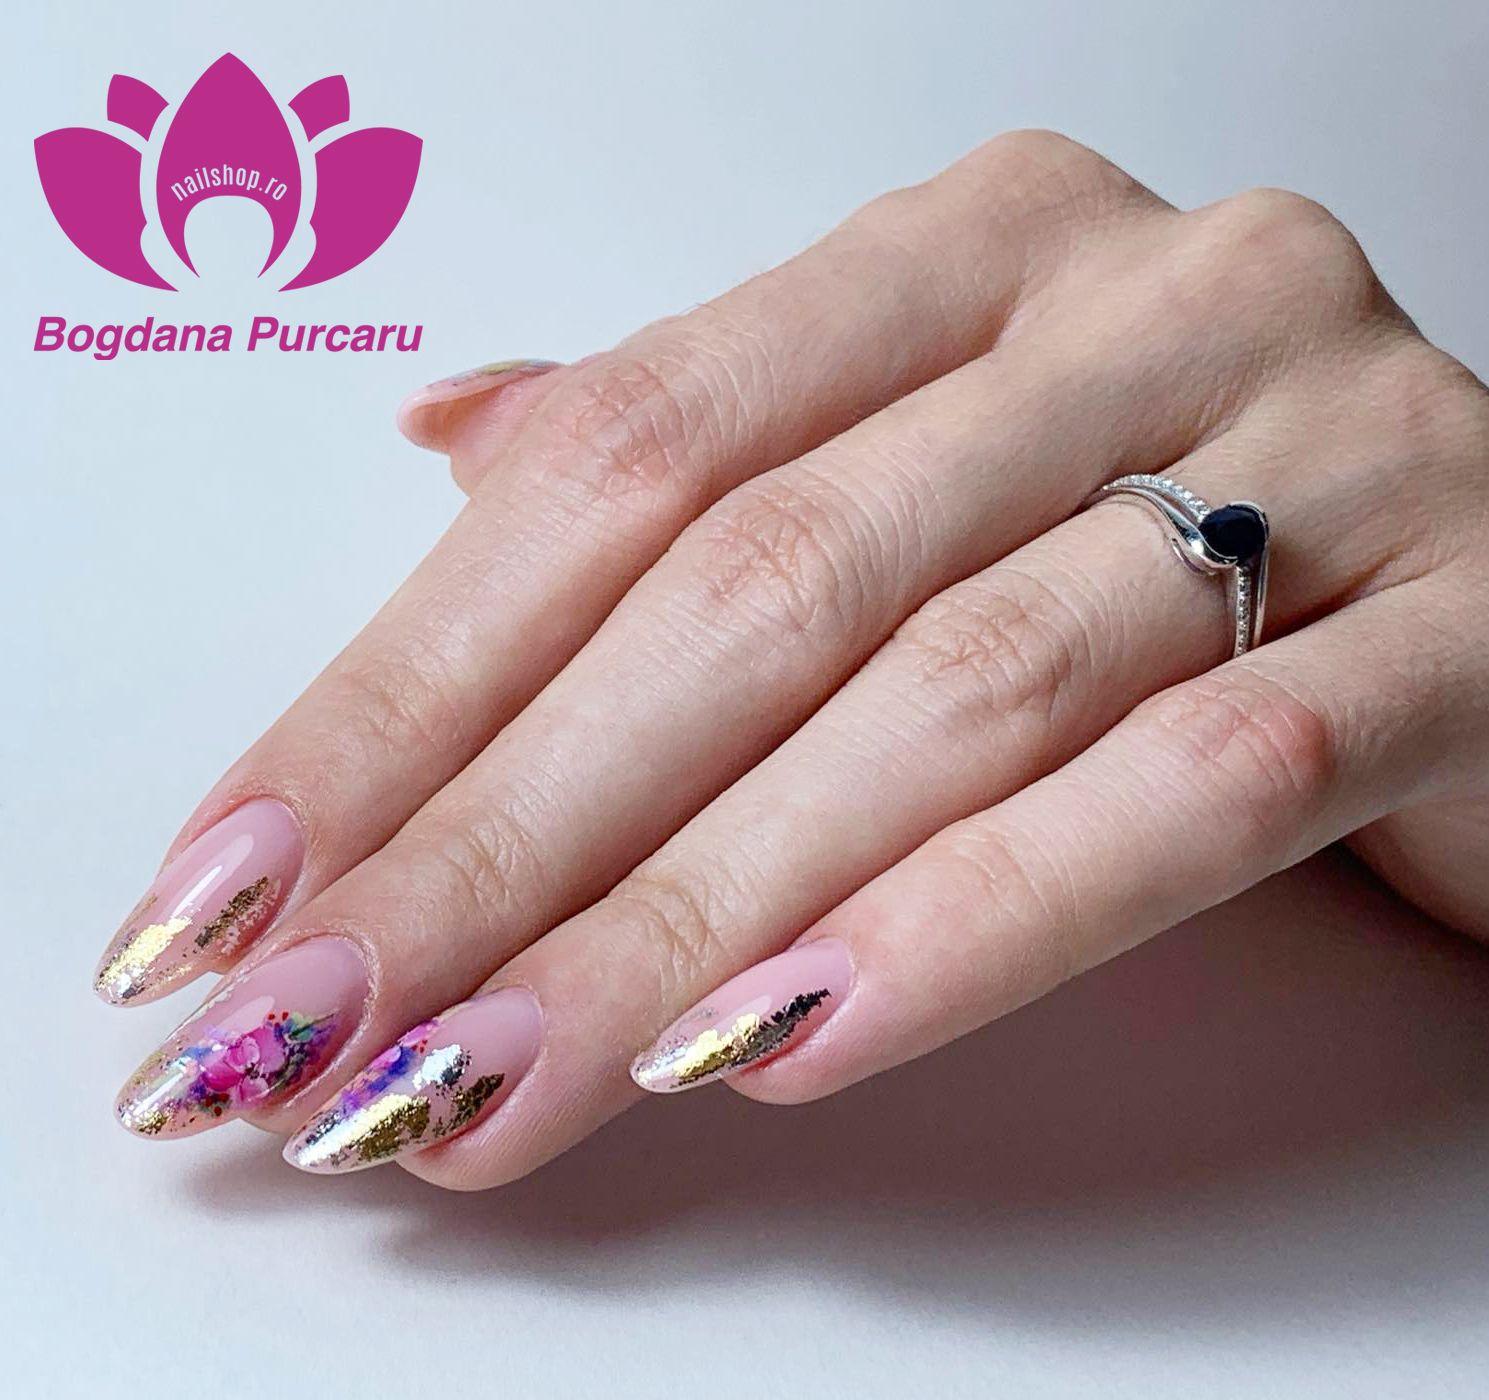 Produse profesionale unghii false